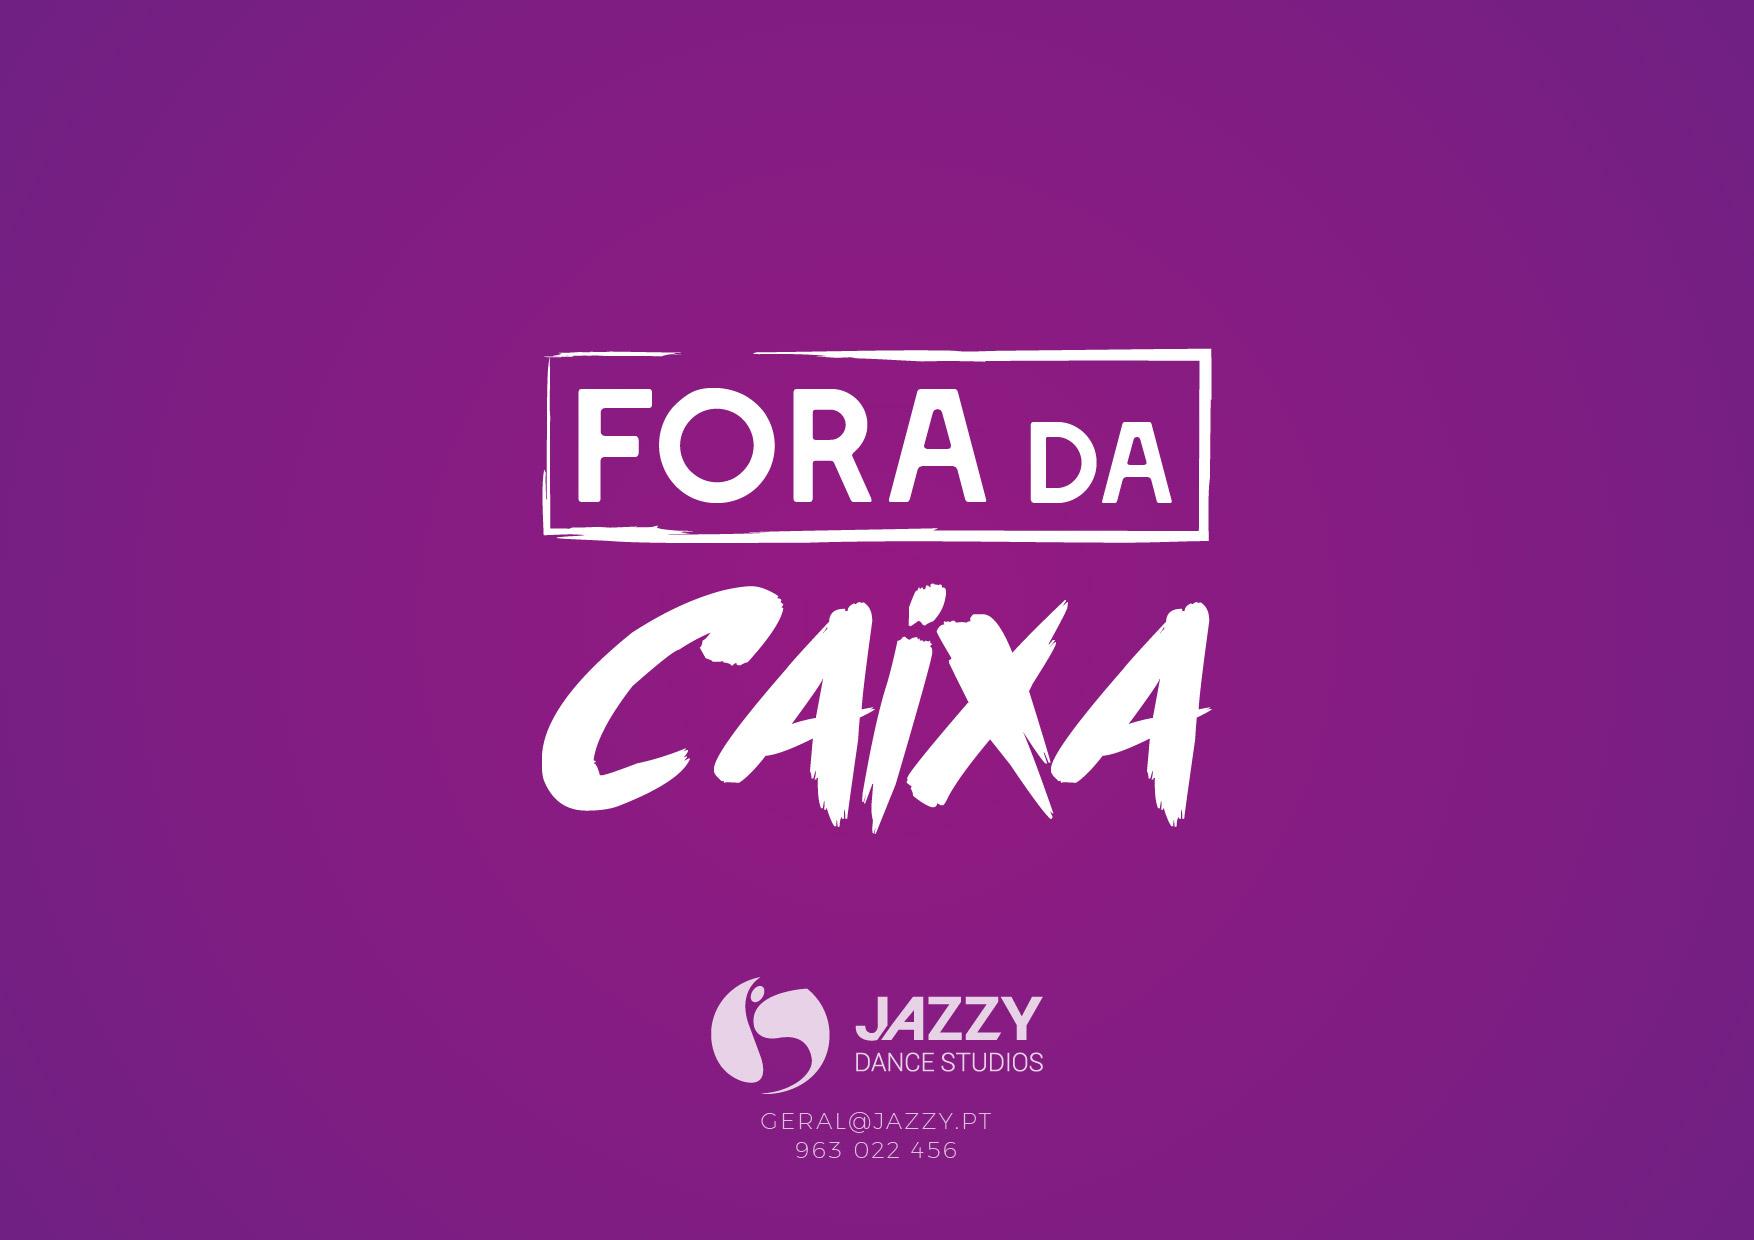 AP_Fora da Caixa_v1_Outro.jpg